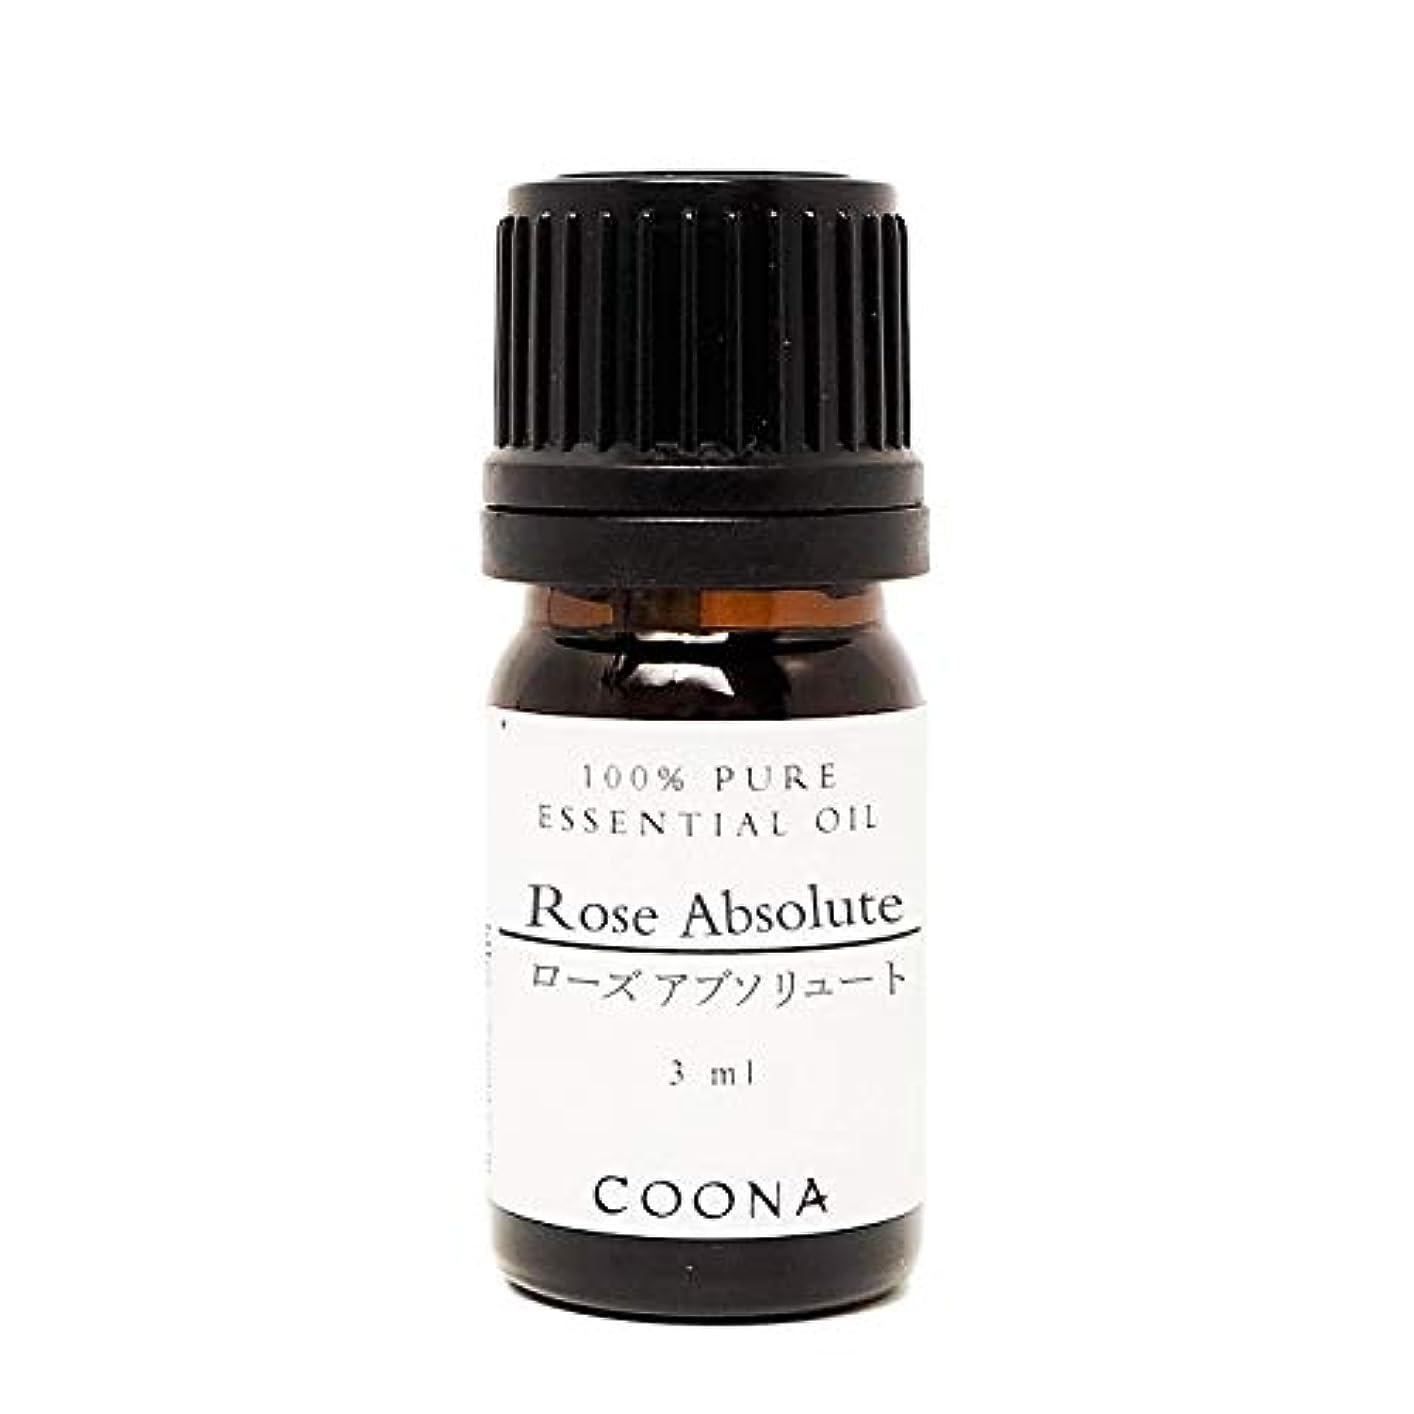 果てしないやむを得ない空のローズ アブソリュート 3 ml (COONA エッセンシャルオイル アロマオイル 精油)